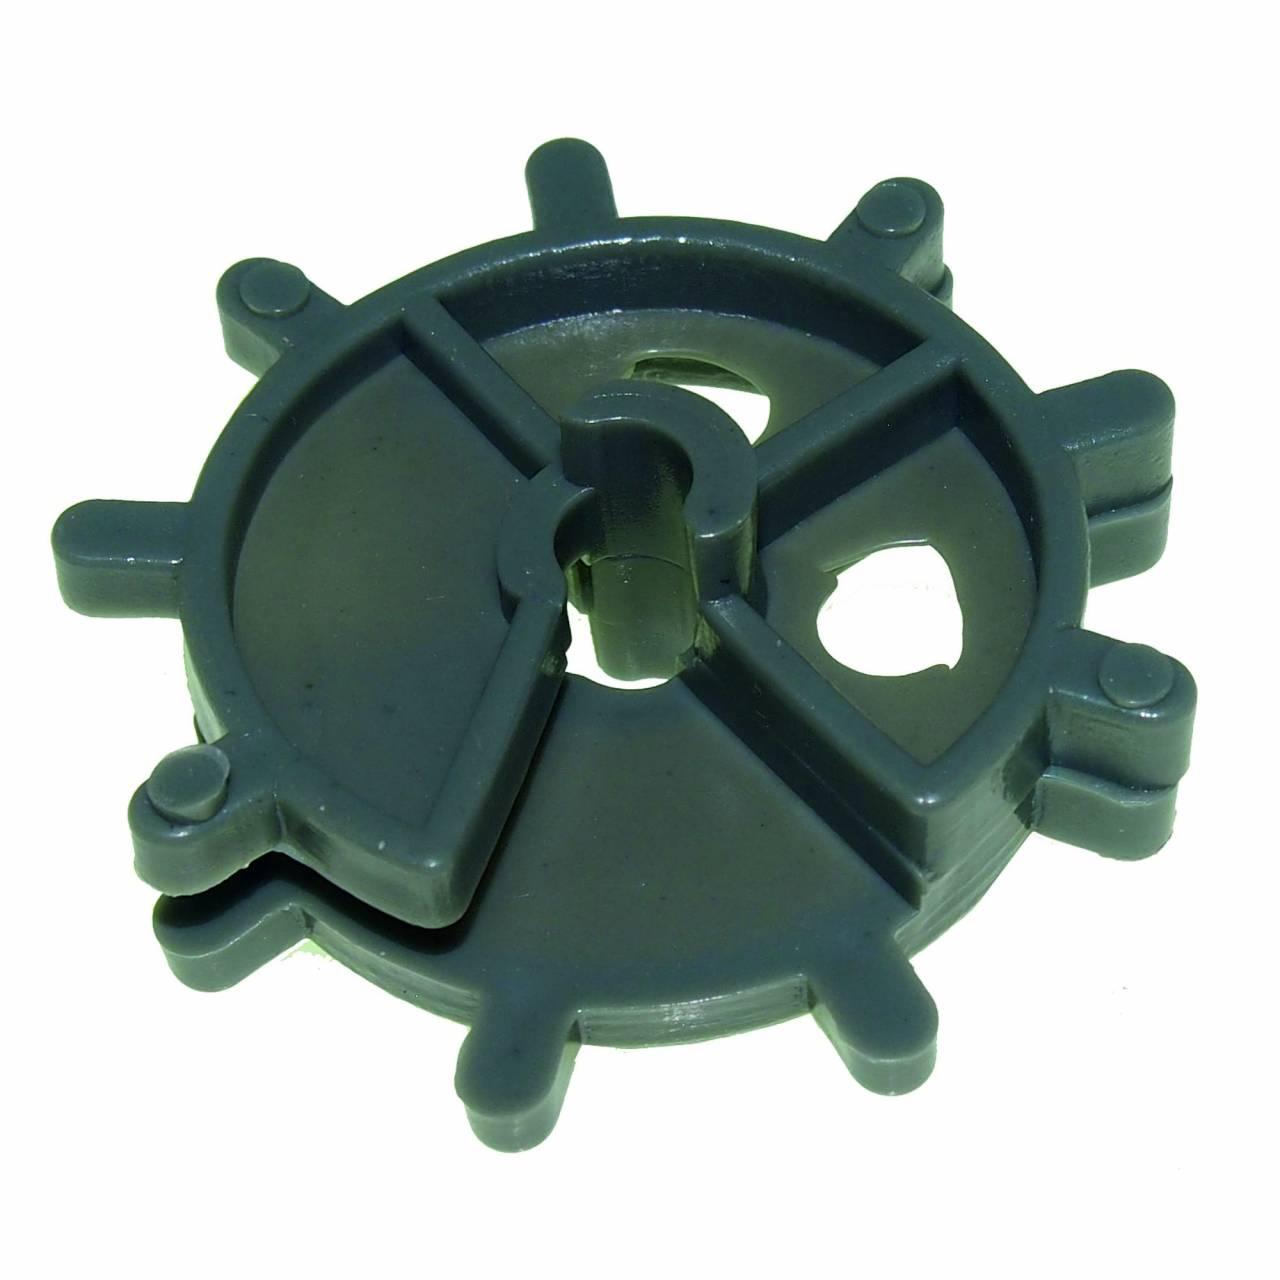 GARANT 8-20 / KB 8 mm Armierungs-Abstandhalter / Krt a 1.000 Stück